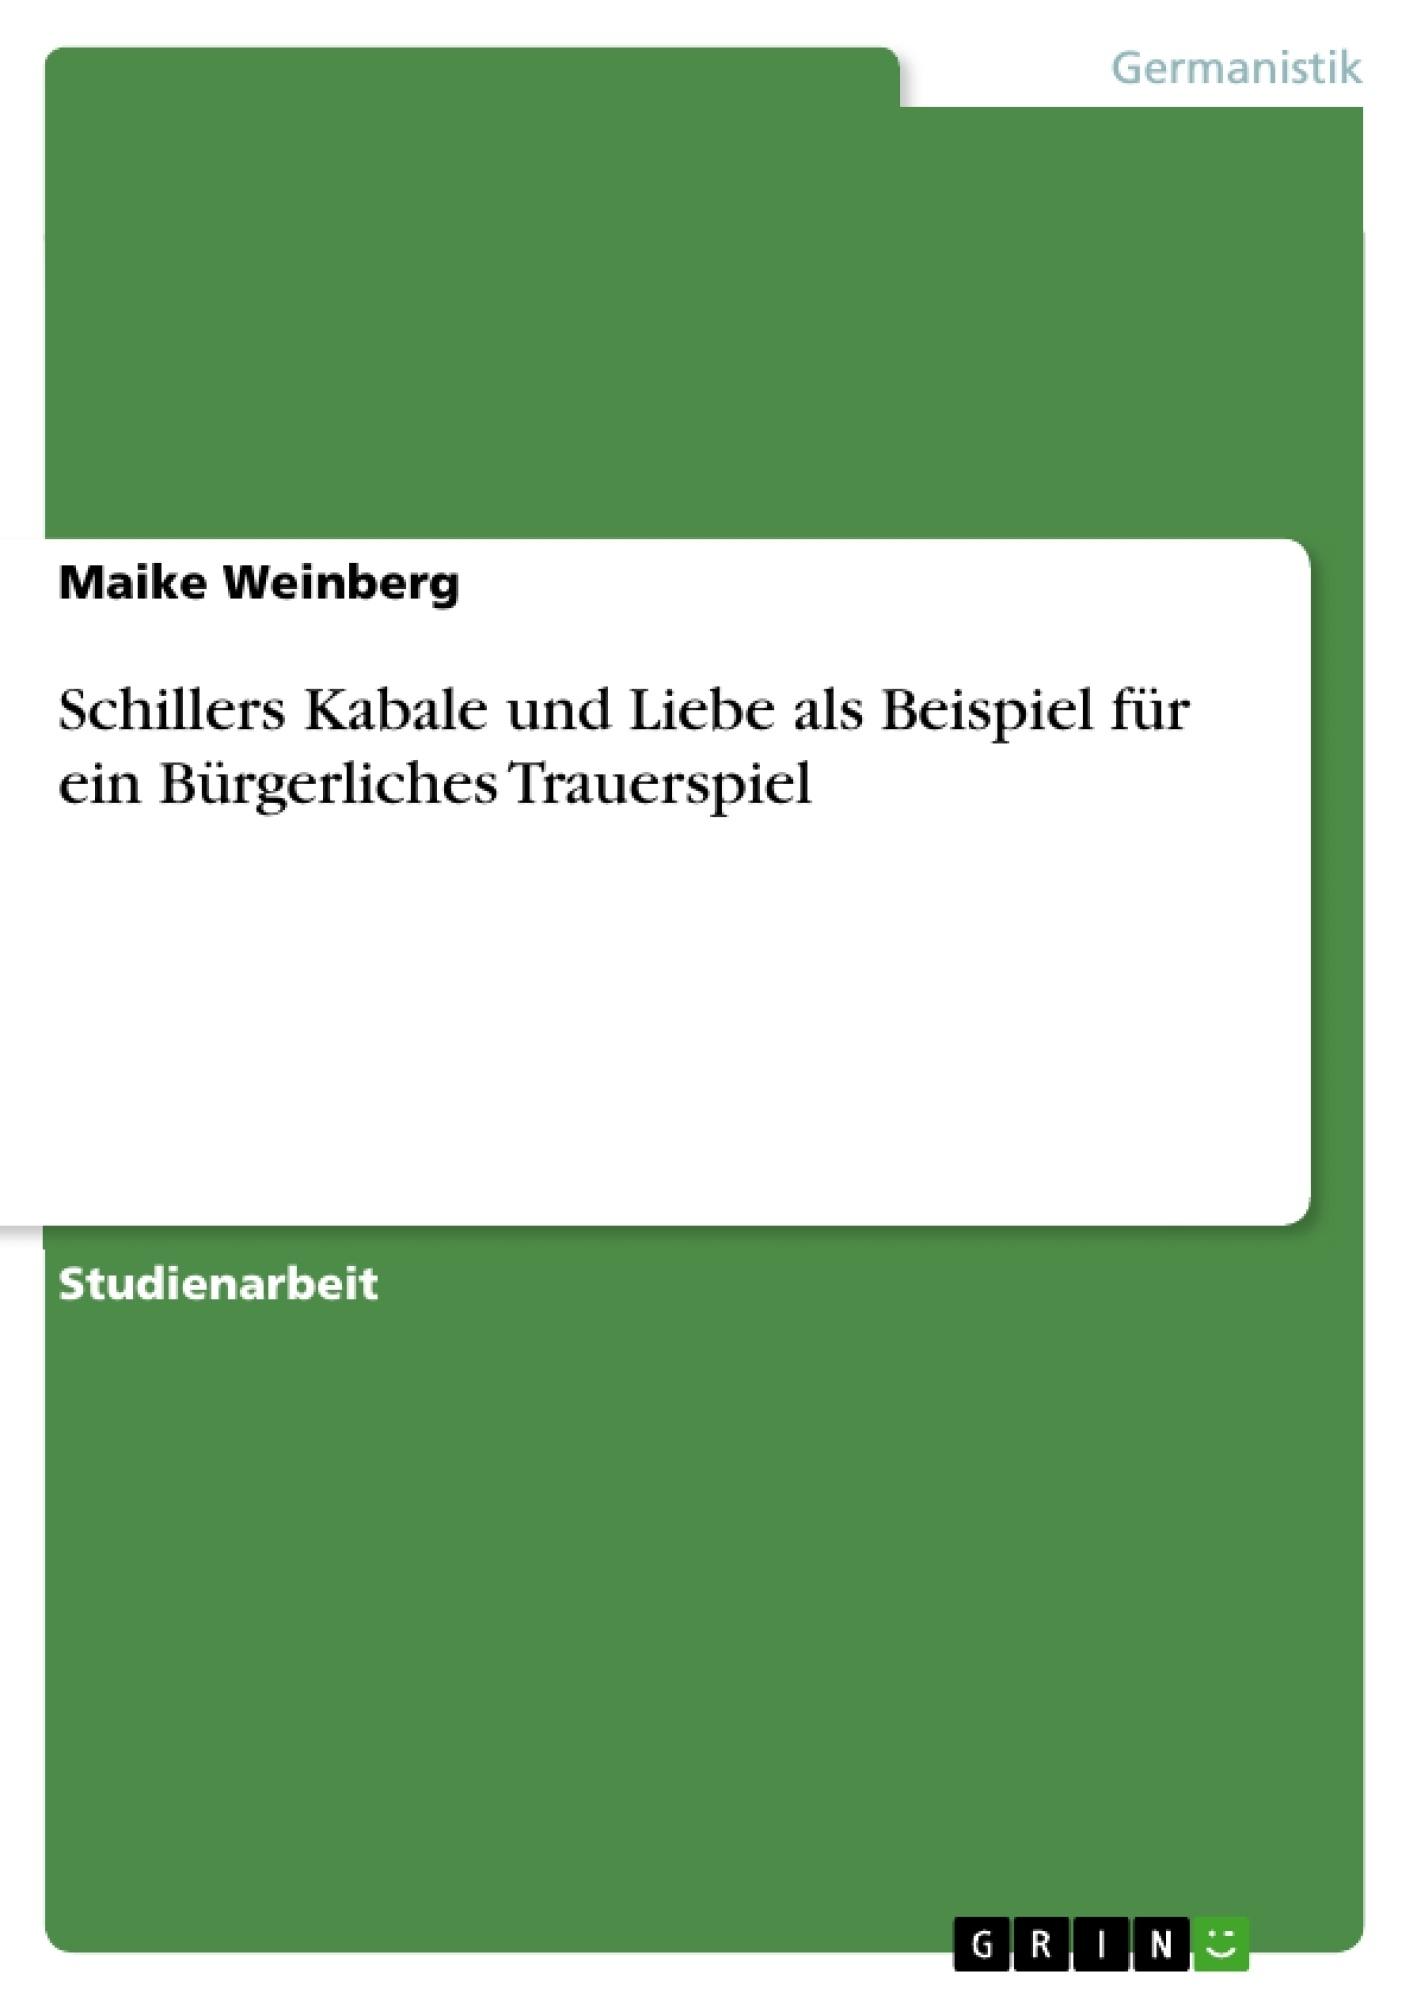 Titel: Schillers Kabale und Liebe als Beispiel für ein Bürgerliches Trauerspiel